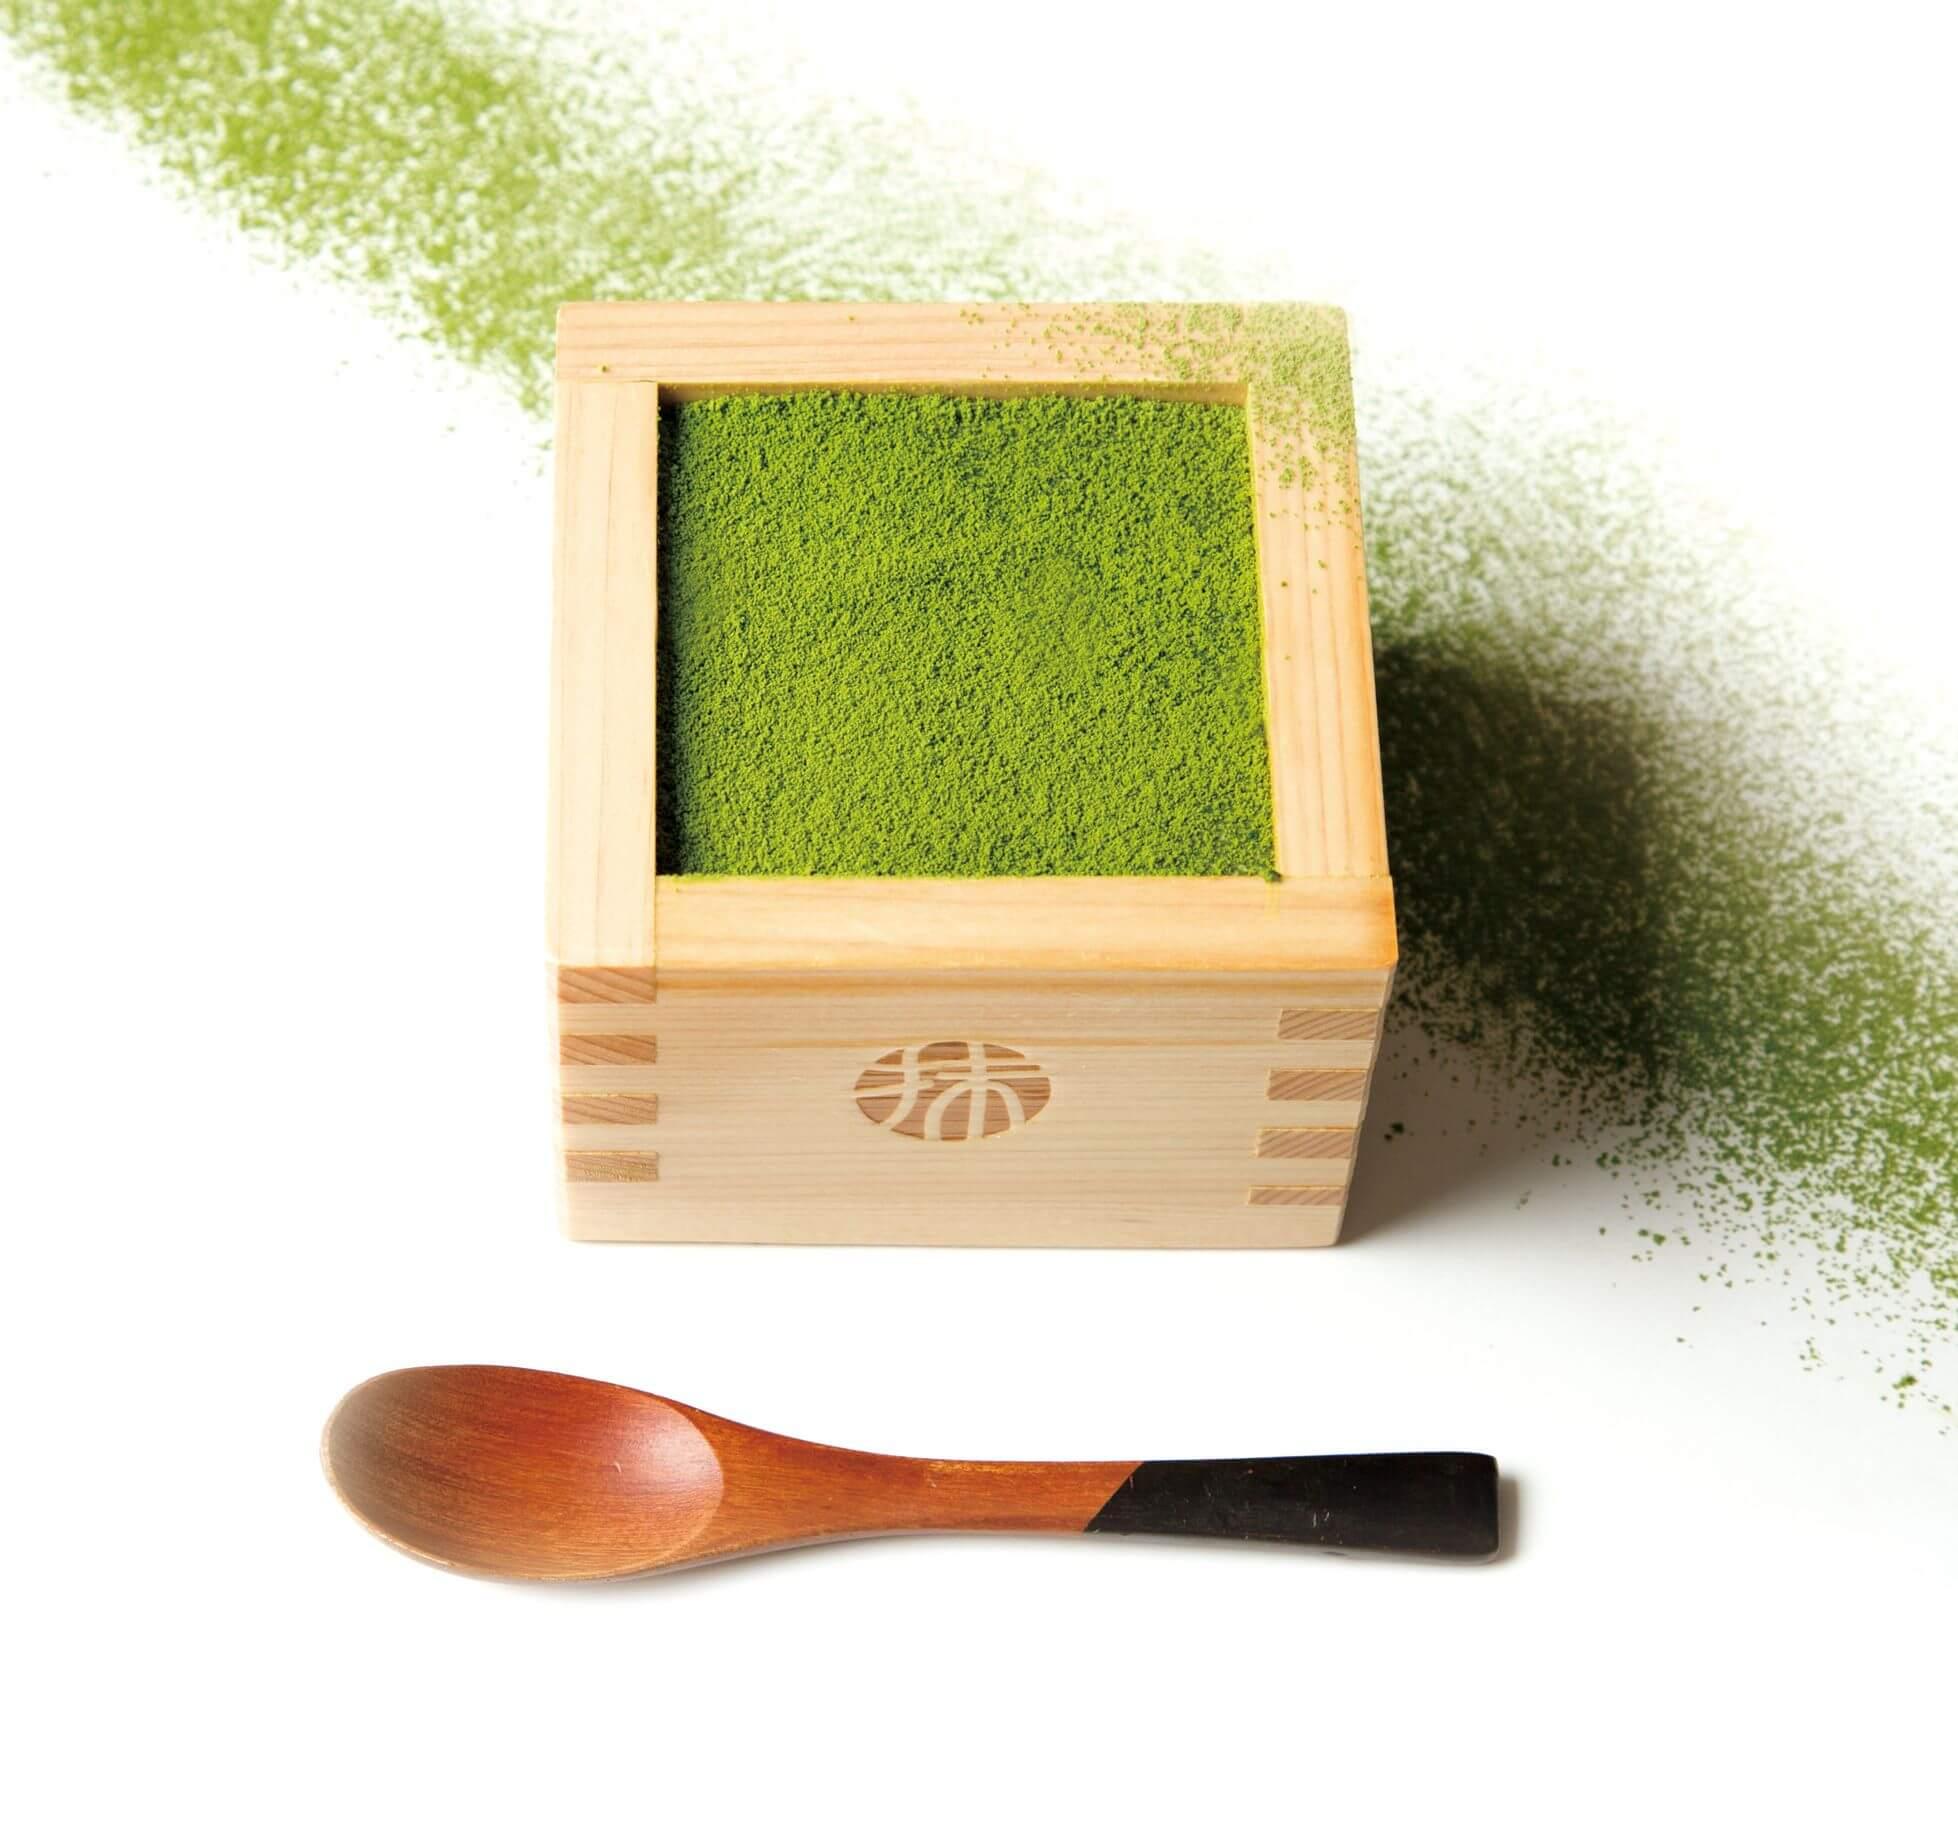 「MACCHA HOUSE 抹茶館」於京都・產寧坂開幕 在京都、抹茶_、